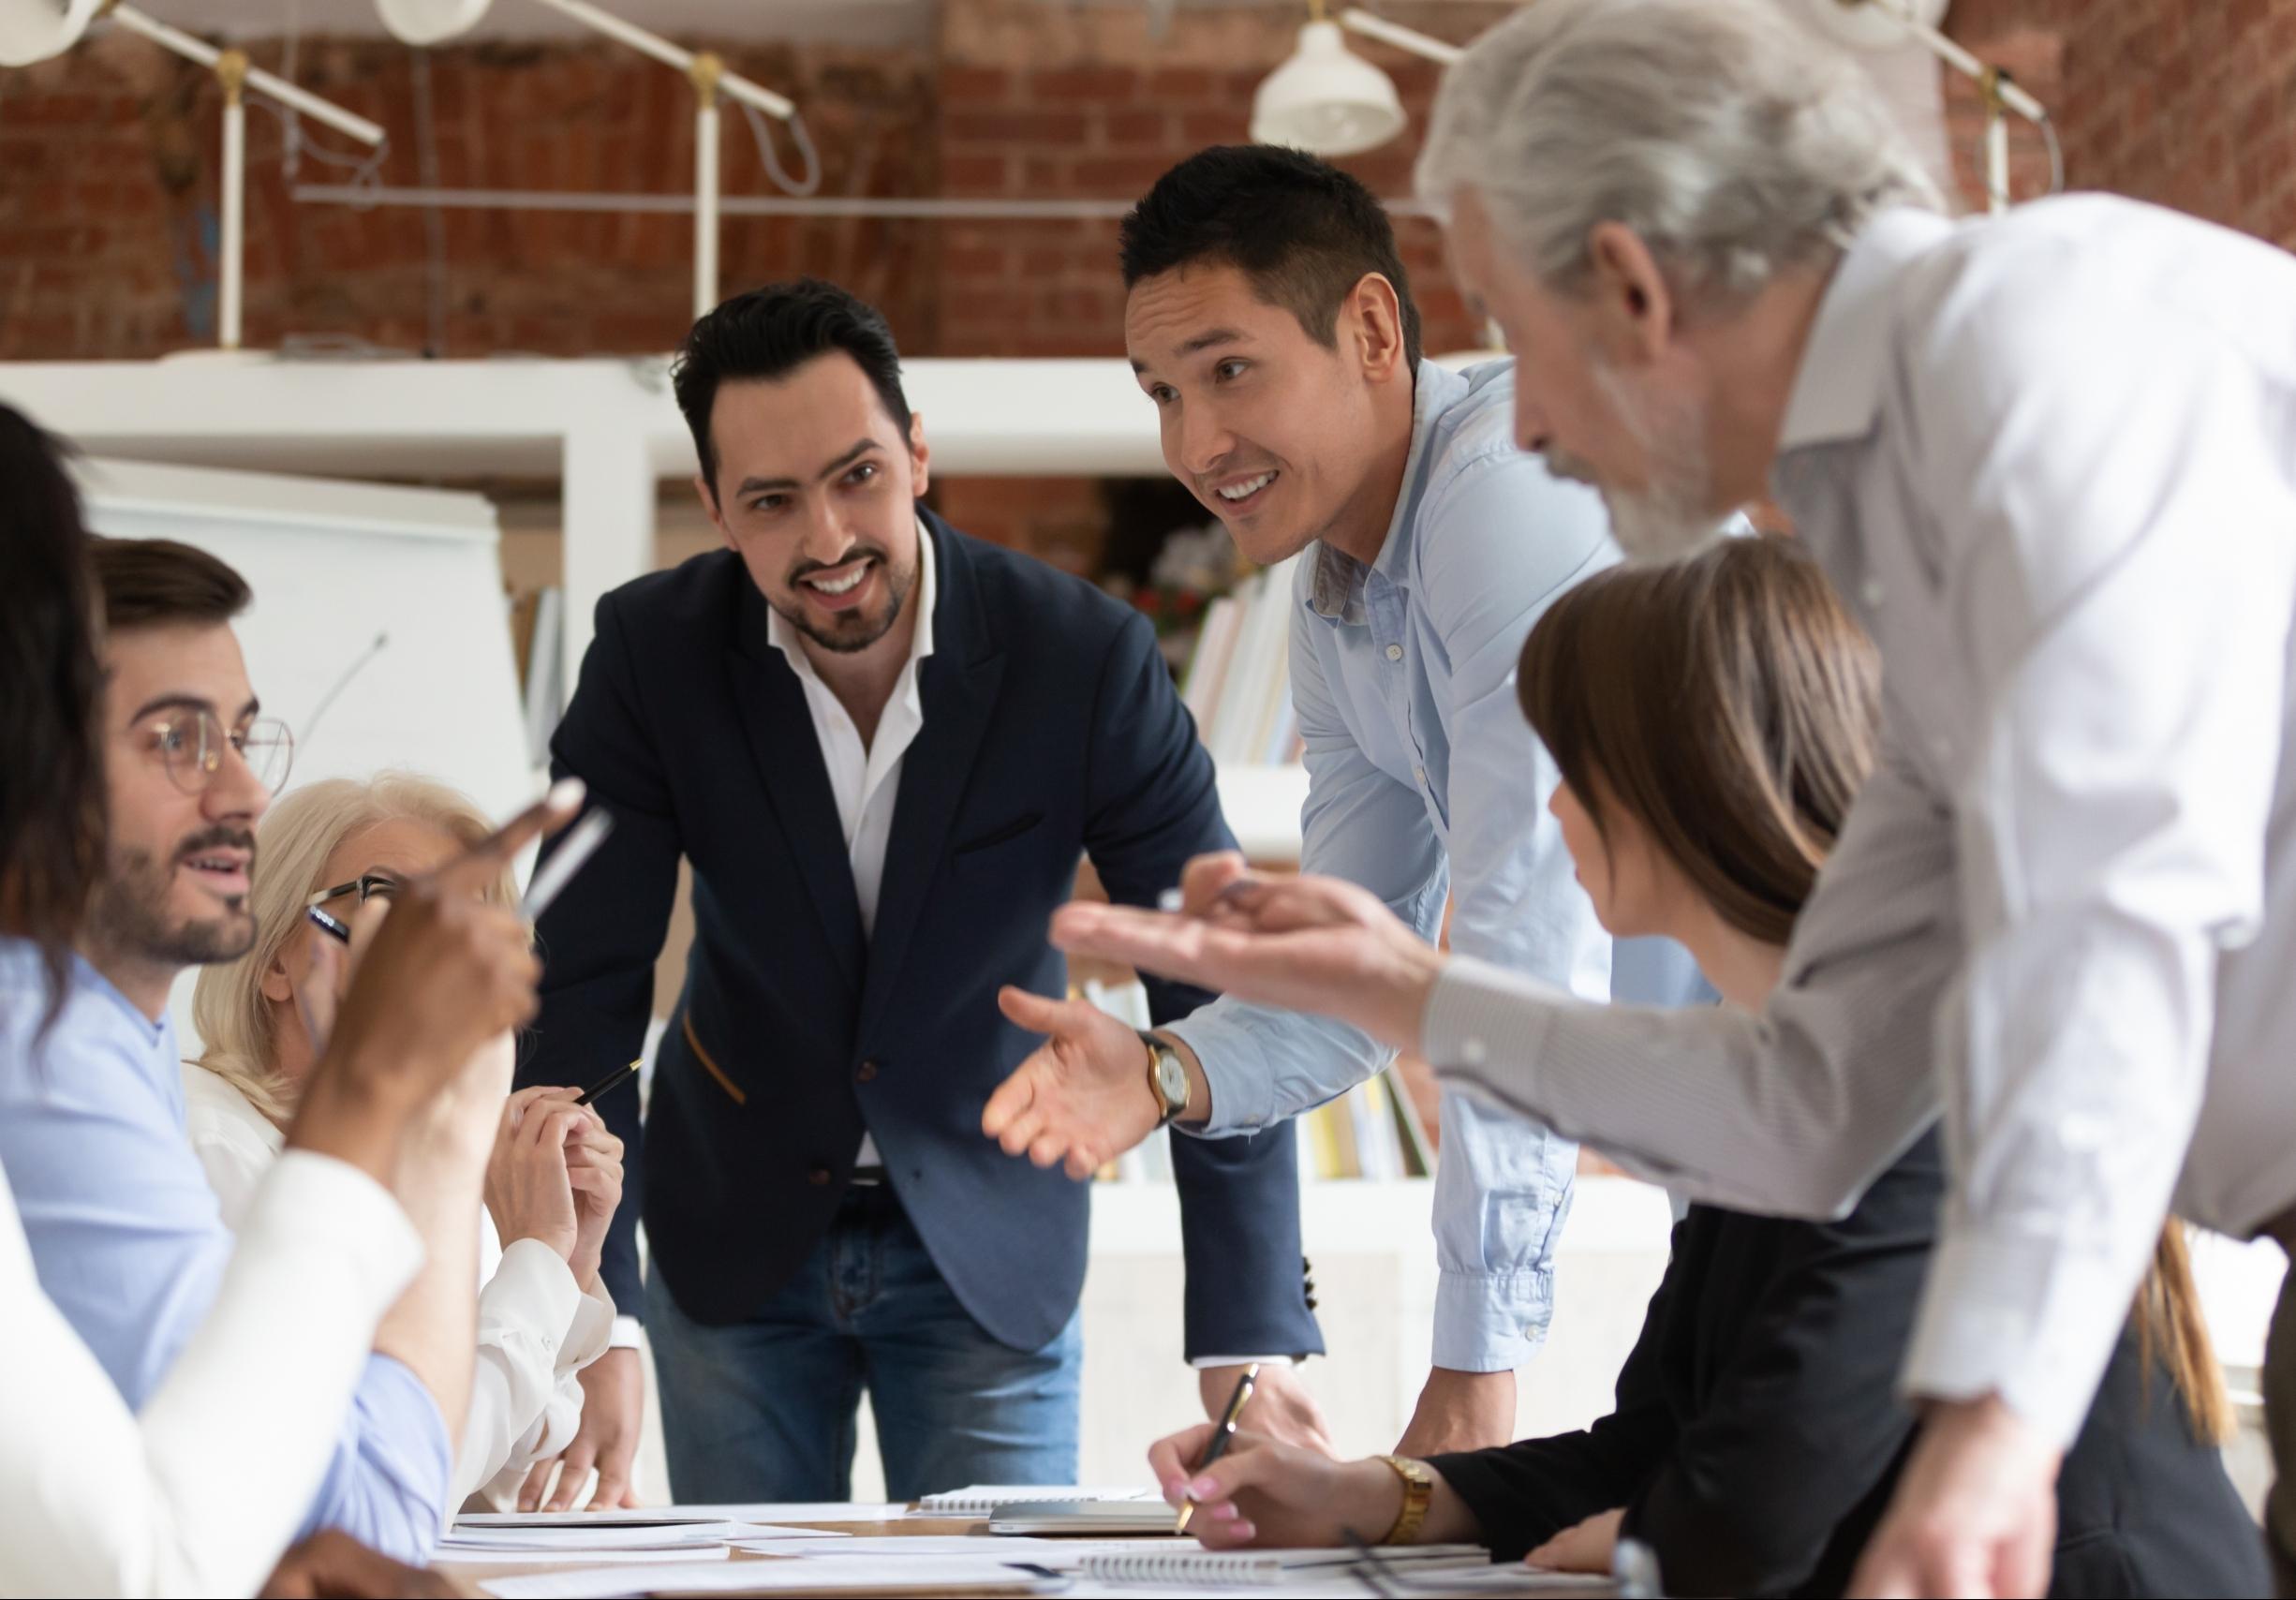 Personalentwicklung mit Hilfe der Leistungen von Flüchter & Partner vorantreiben – Erfolgreich als Team